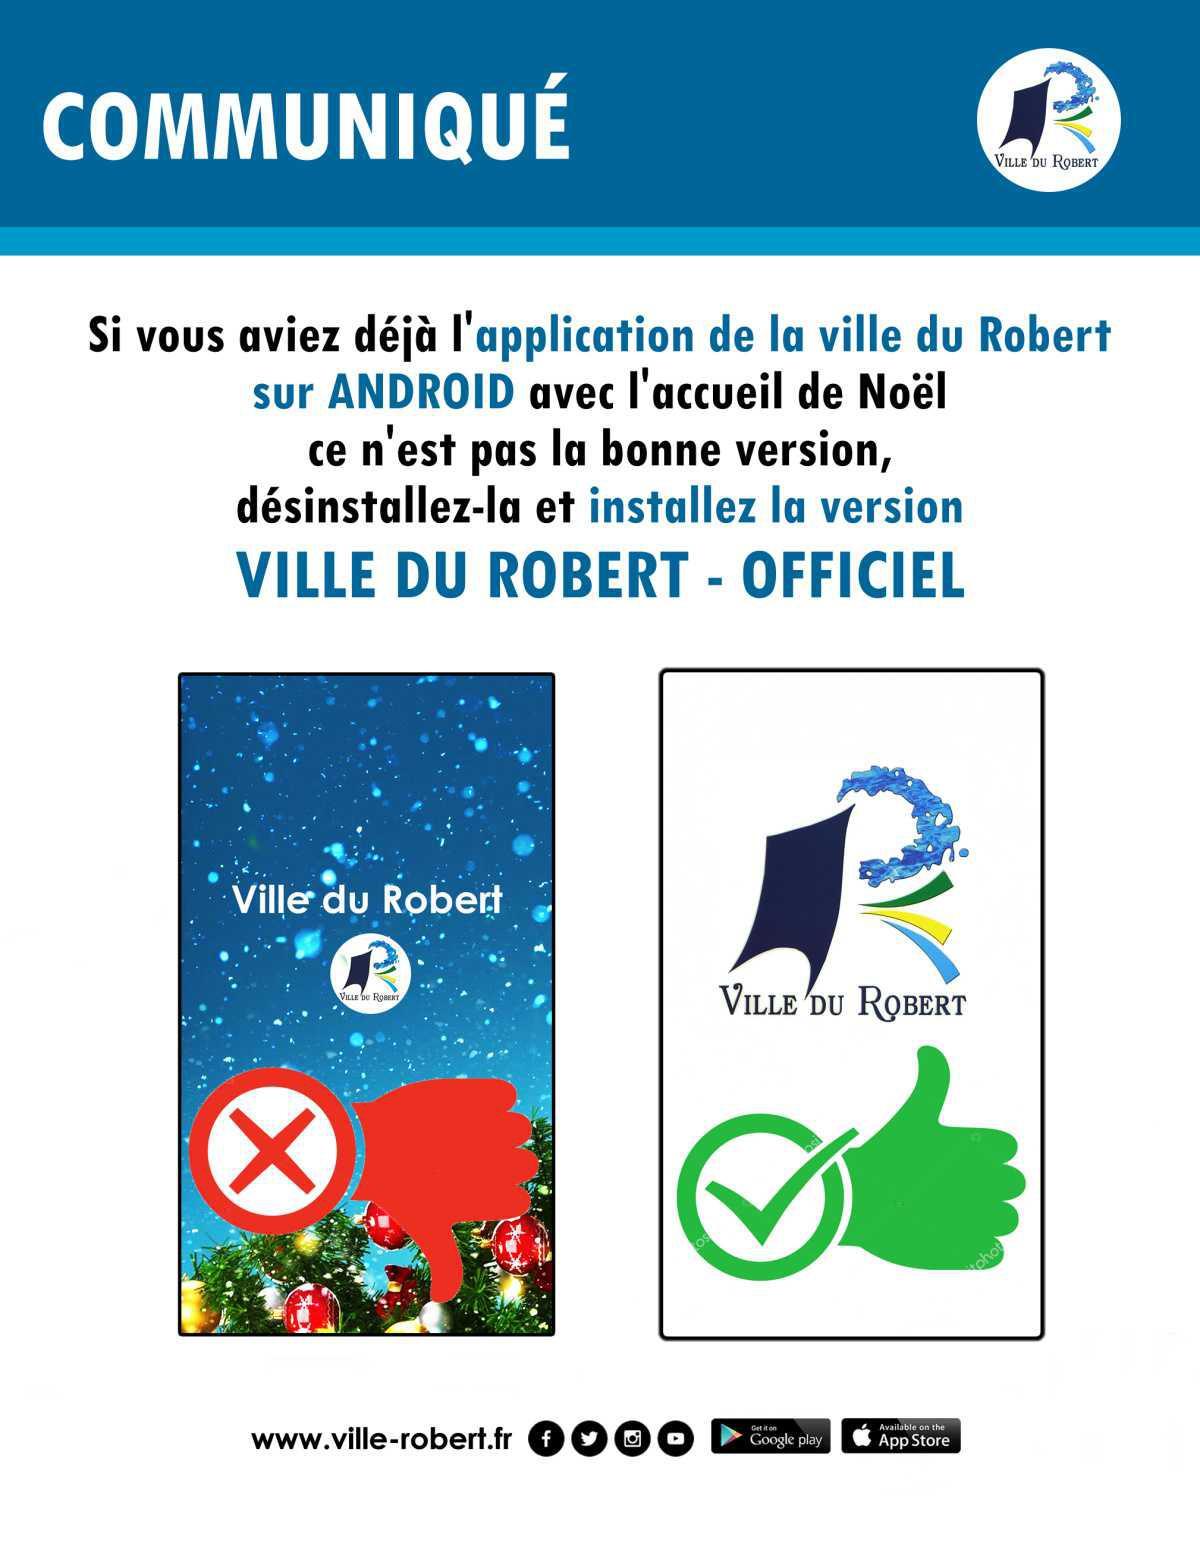 LA BONNE VERSION DE L'APPLI SUR ANDROID C'EST : VILLE DU ROBERT OFFICIEL